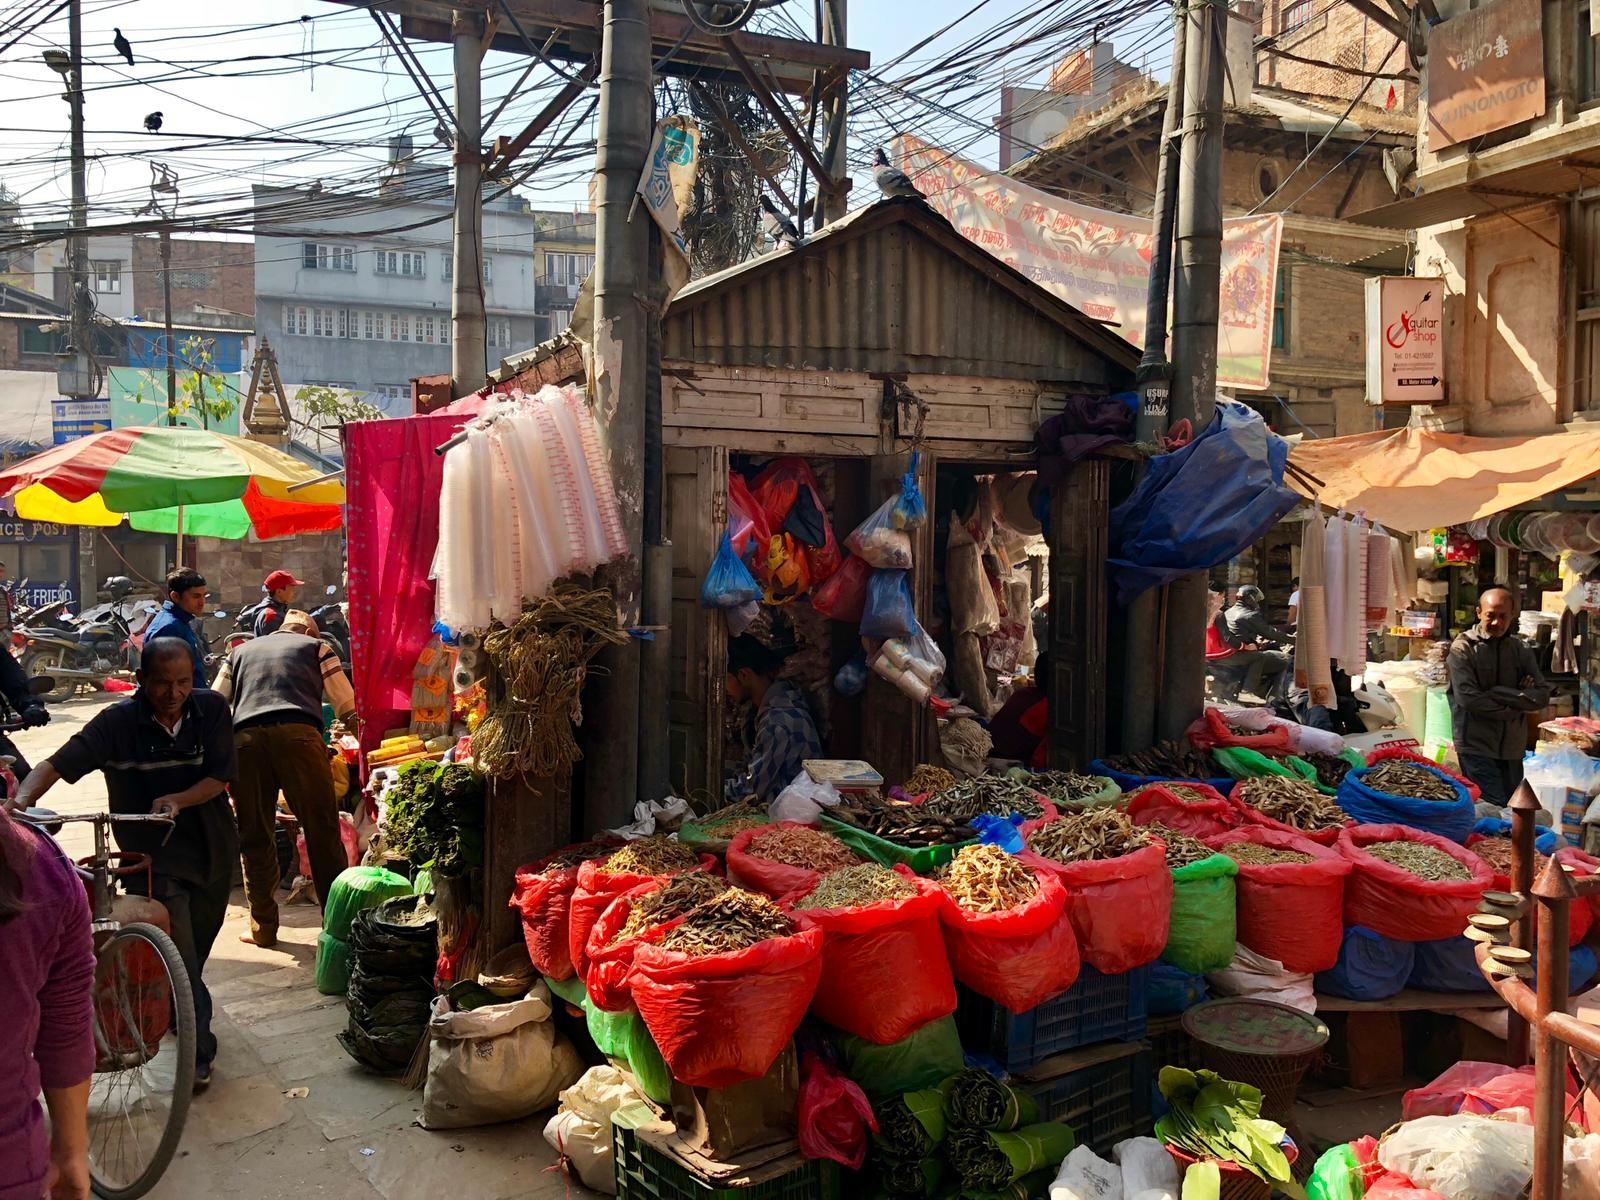 viaggio-in-nepal-7e902bdda64f6f86065c600